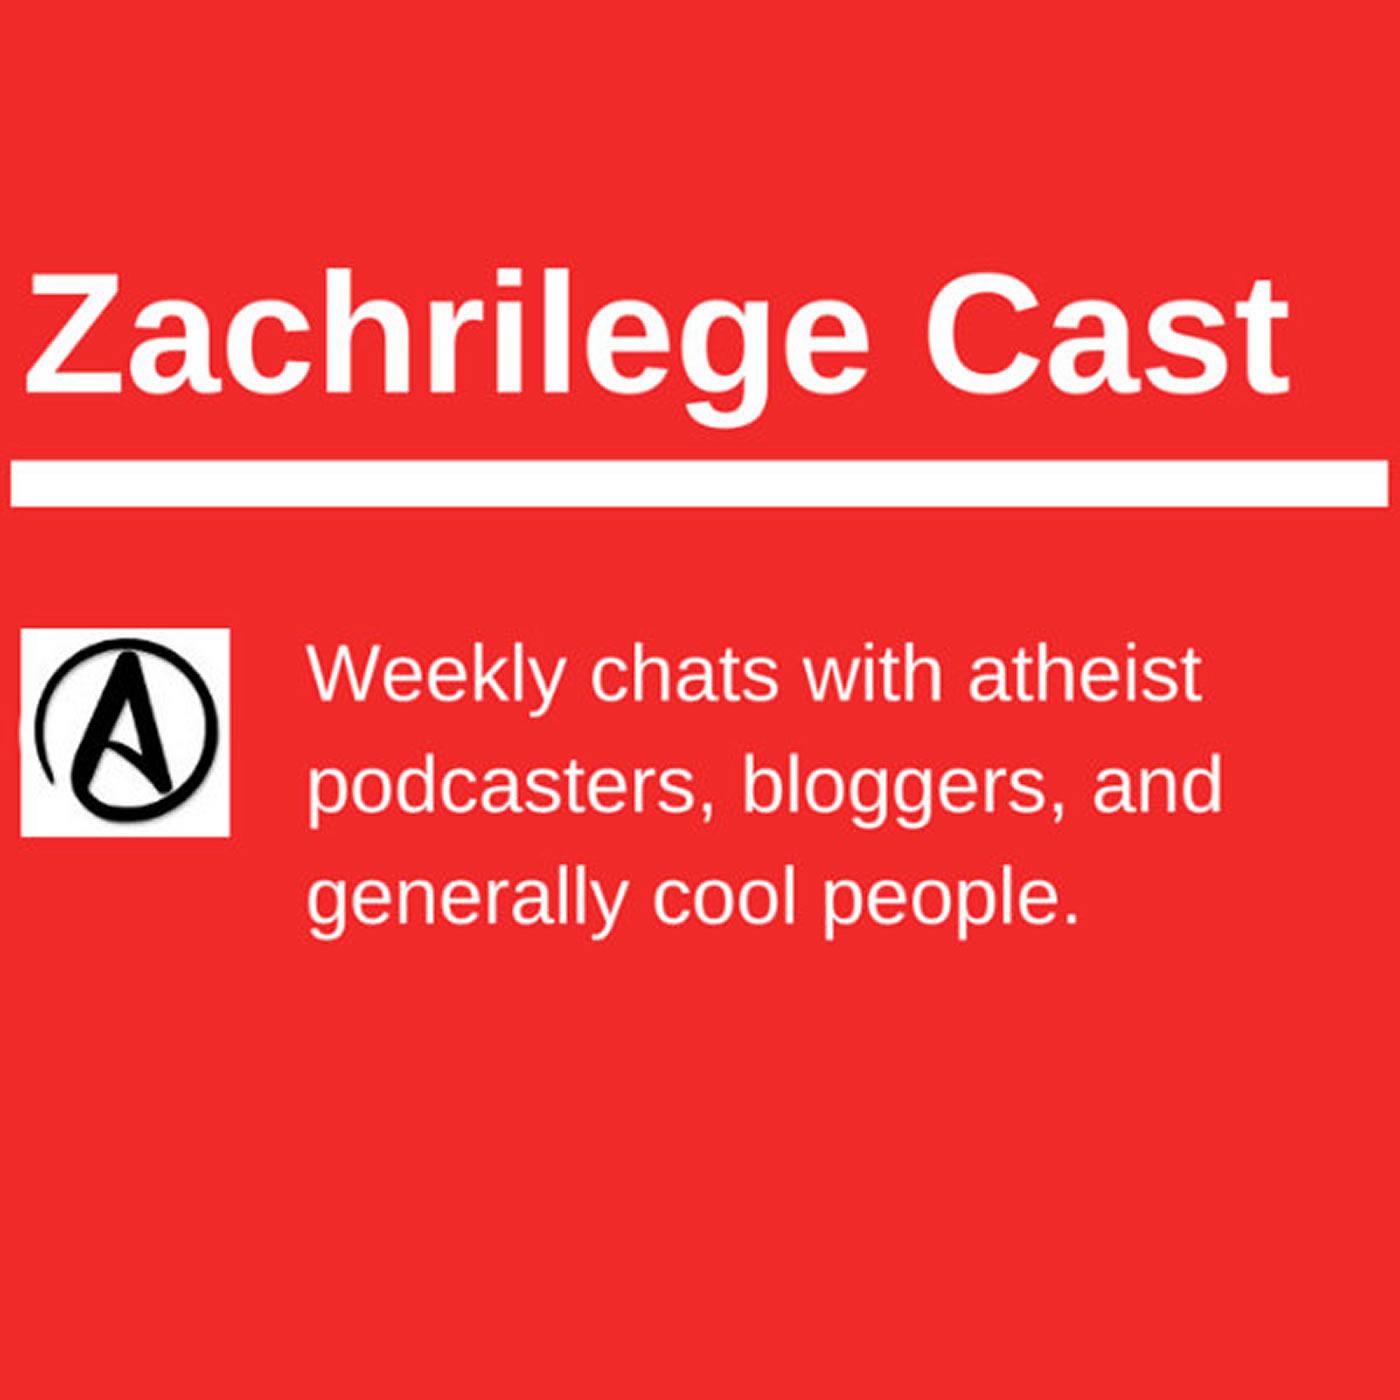 Zachrilege Cast